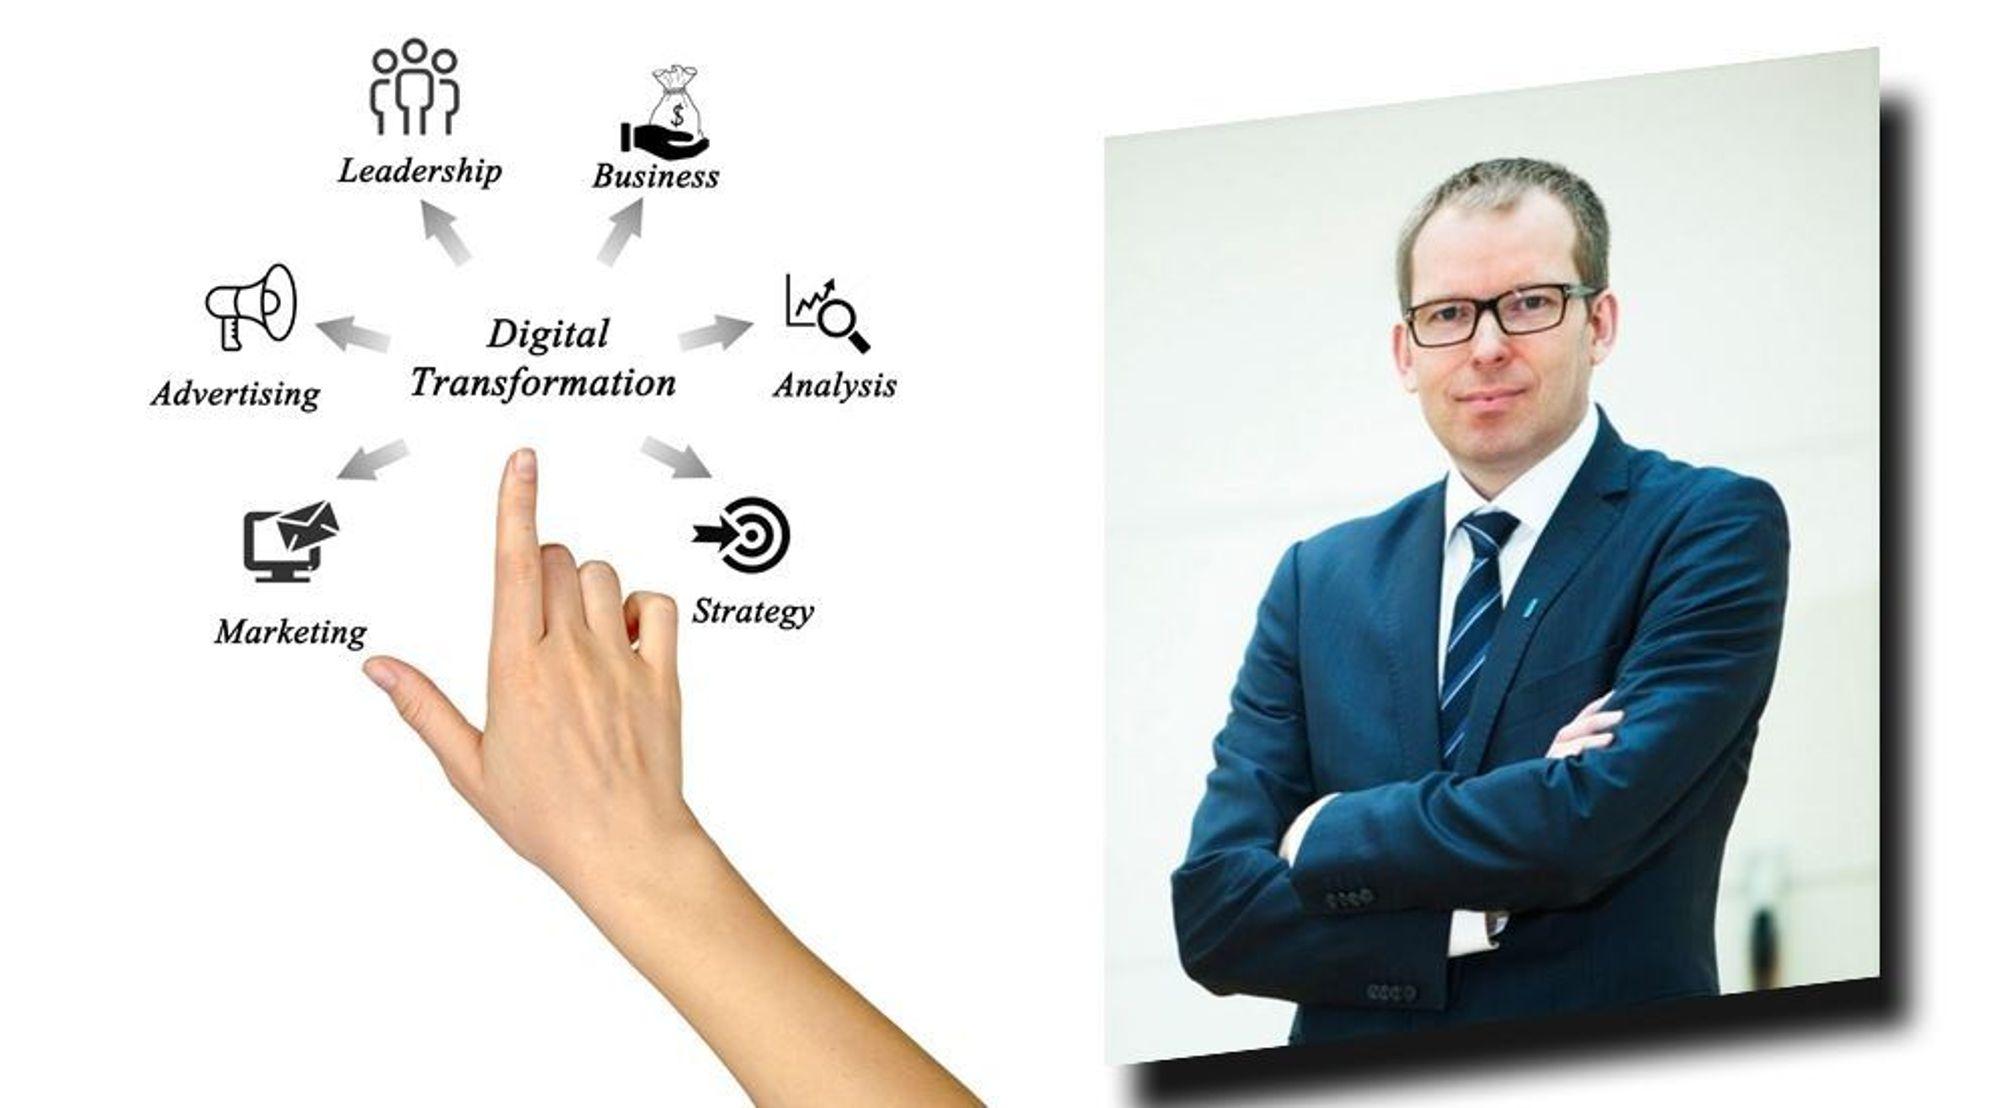 Må tørre: Skal digital tenkning gjennomsyre virksomheten, kan ikke topplederen være den som forstår minst, skriver Håkon Haugli i denne kommentaren.